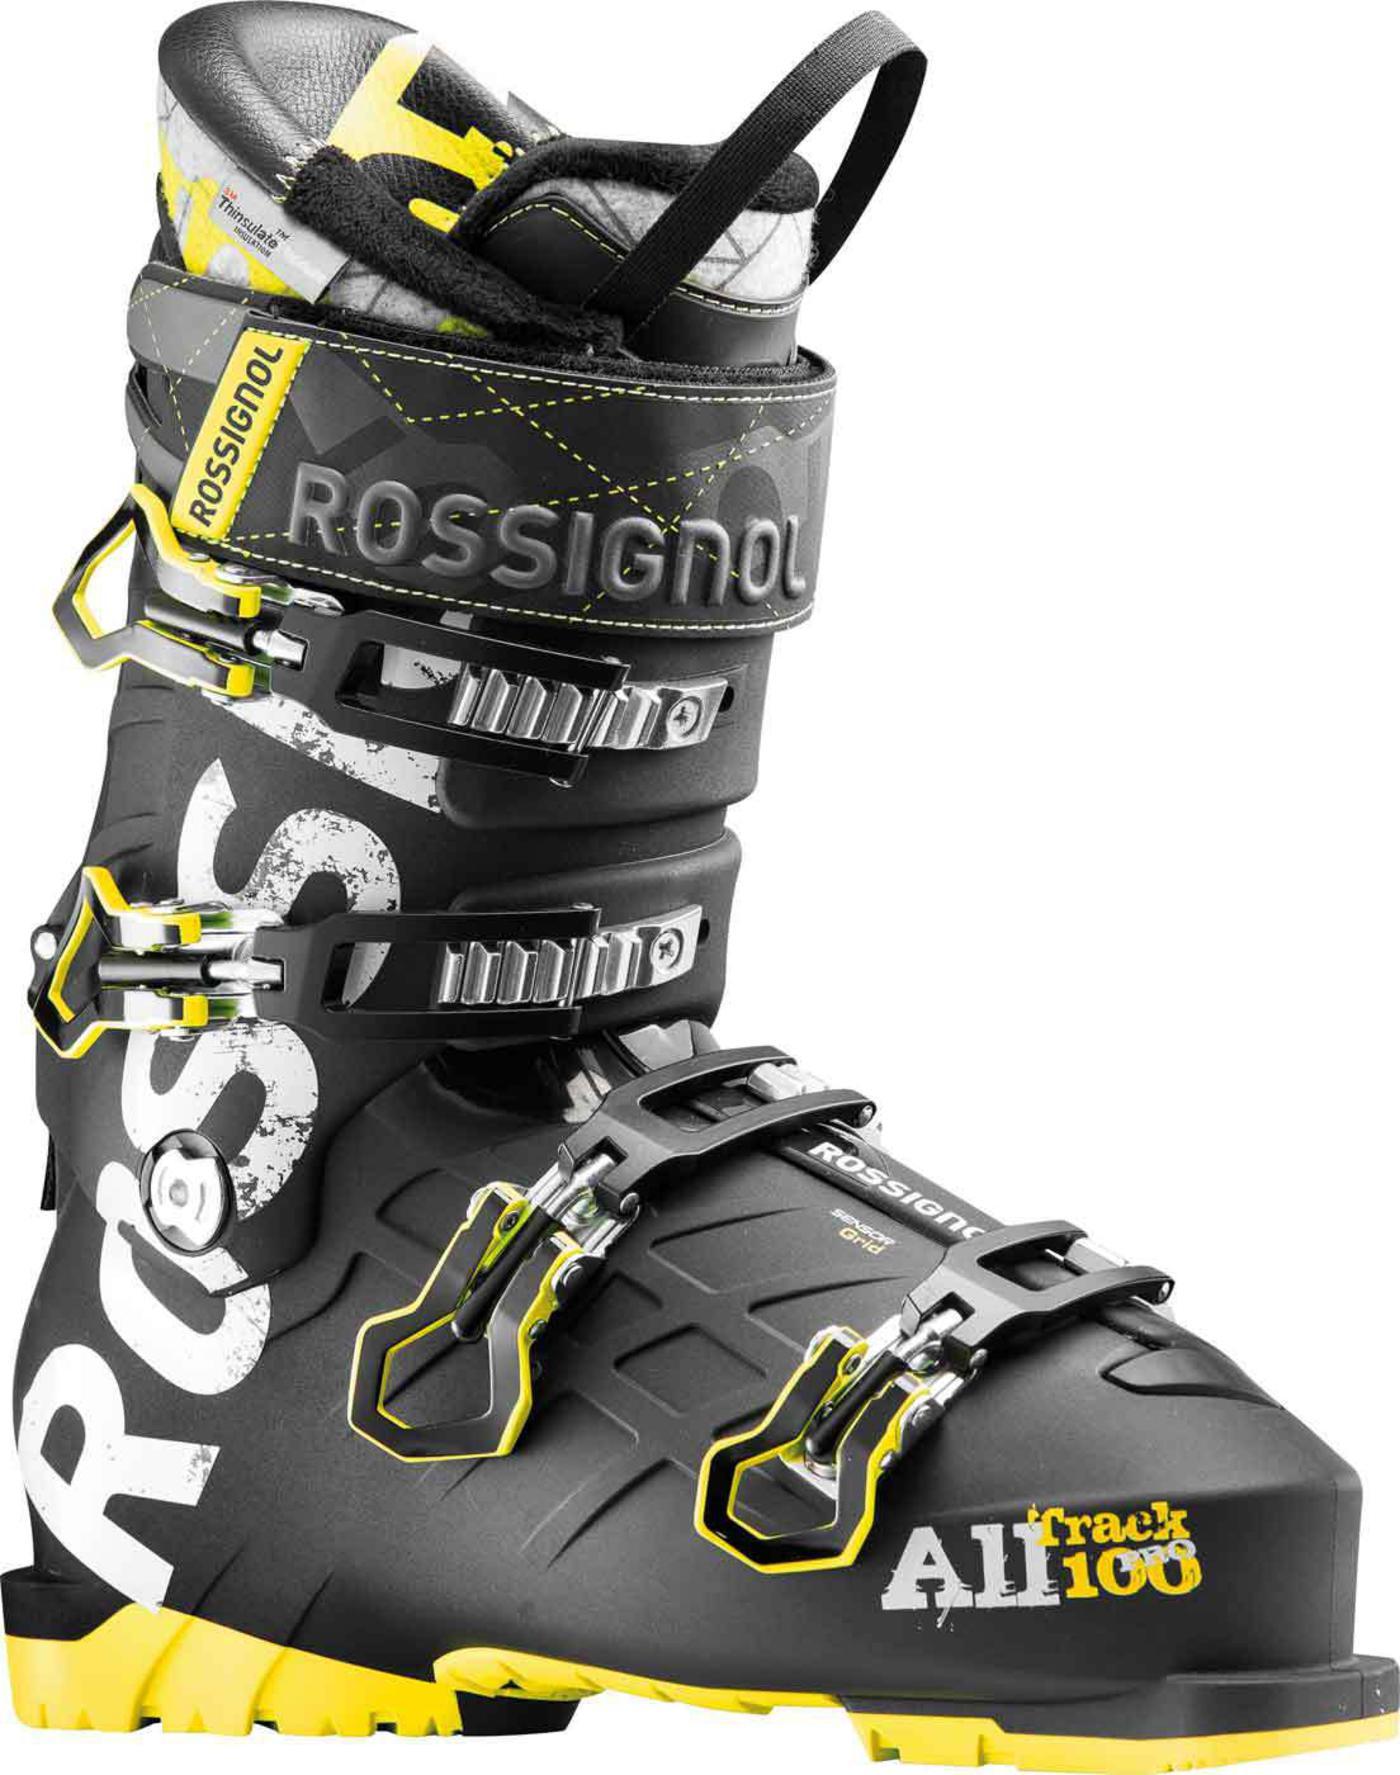 Купить Горнолыжные ботинки ROSSIGNOL 2016-17 ALLTRACK PRO 100 BLACK, Ботинки горнoлыжные, 1297147